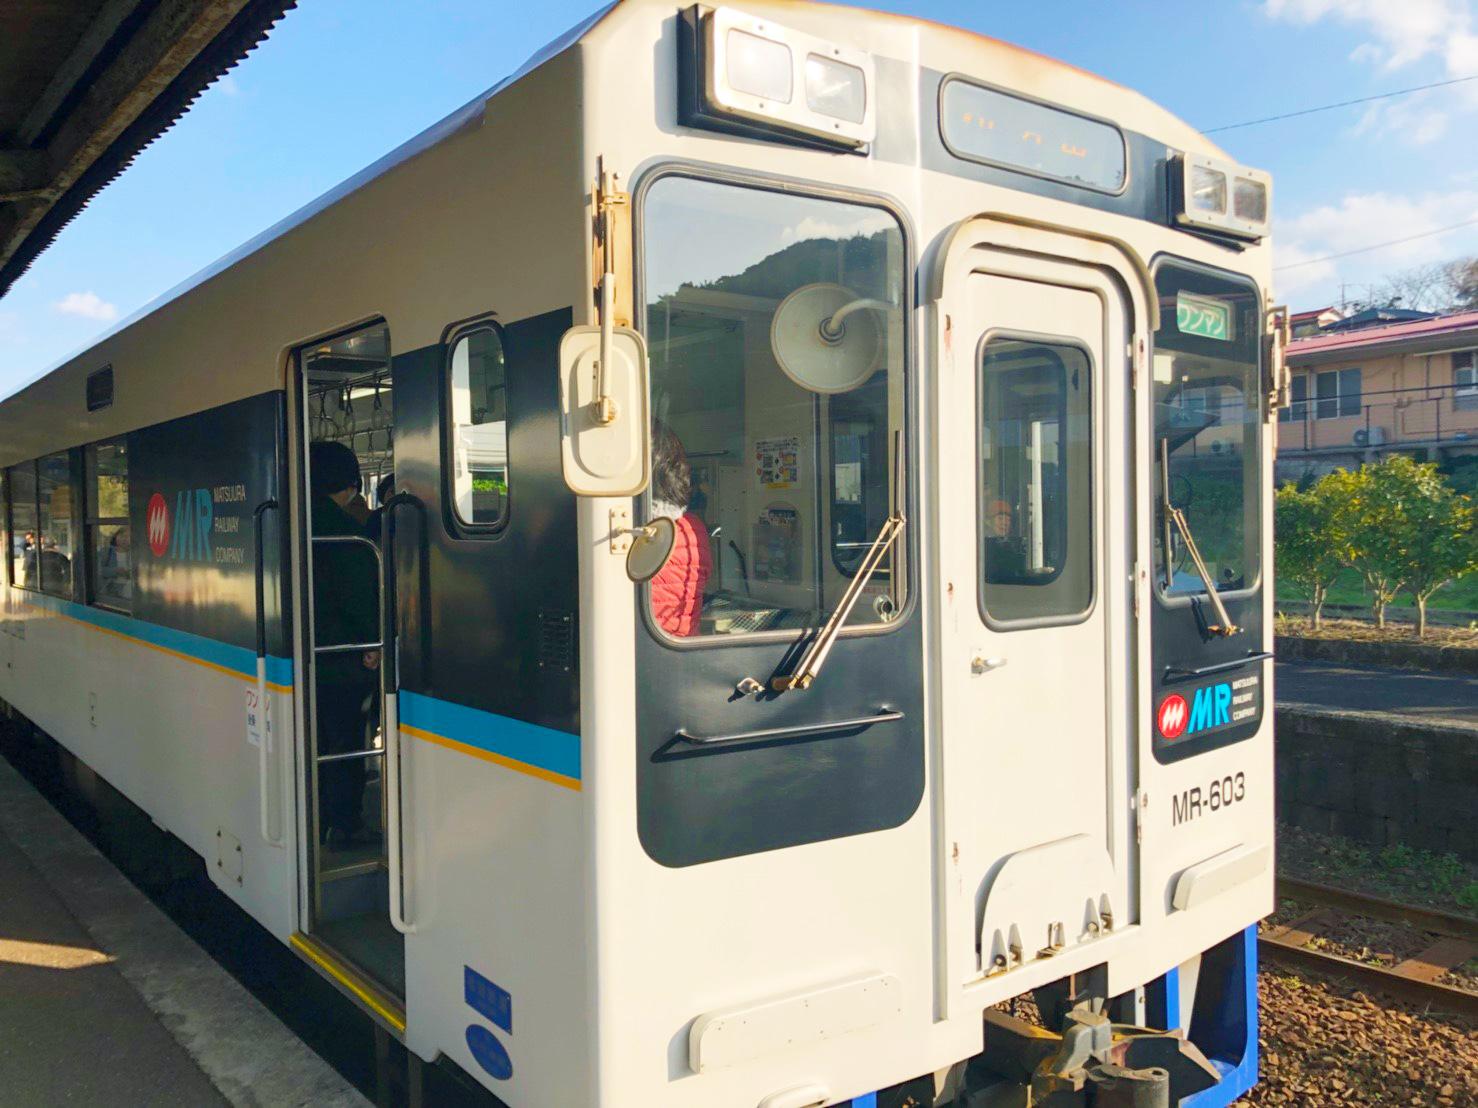 長崎 鉄旅!ローカル列車とランチバイキングツアー催行!